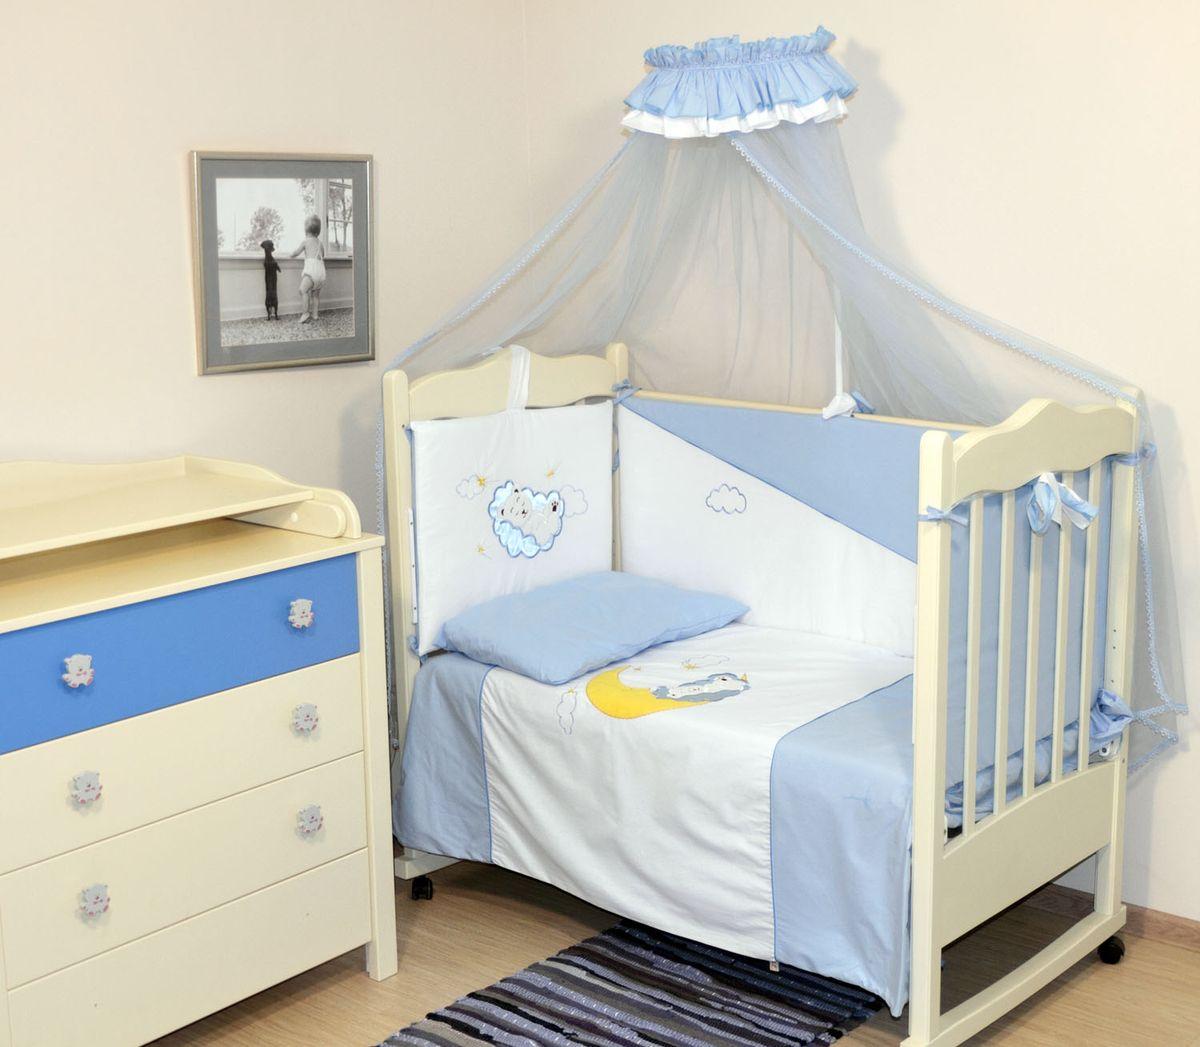 Топотушки Комплект детского постельного белья Марсель цвет голубой 6 предметов4630008873632Комплект постельного белья из 6 предметов включает все необходимые элементы для детской кроватки. Комплект создает для Вашего ребенка уют, комфорт и безопасную среду с рождения; современный дизайн и цветовые сочетания помогают ребенку адаптироваться в новом для него мире. Комплекты «Топотушки» хорошо вписываются в интерьер как детской комнаты, так и спальни родителей. Как и все изделия «Топотушки» данный комплект отражает самые последние технологии, является безопасным для малыша и экологичным. Российское происхождение комплекта гарантирует стабильно высокое качество, соответствие актуальным пожеланиям потребителей, конкурентоспособную цену. Охранный бампер 360х50см. (из 4-х частей на молнии, наполнитель – холлофайбер); подушка 40х60см (наполнитель – холлофайбер); одеяло 140х110см (наполнитель – холлофайбер); наволочка 40х60см; пододеяльник 147х112см; простынь на резинке 120х60см.